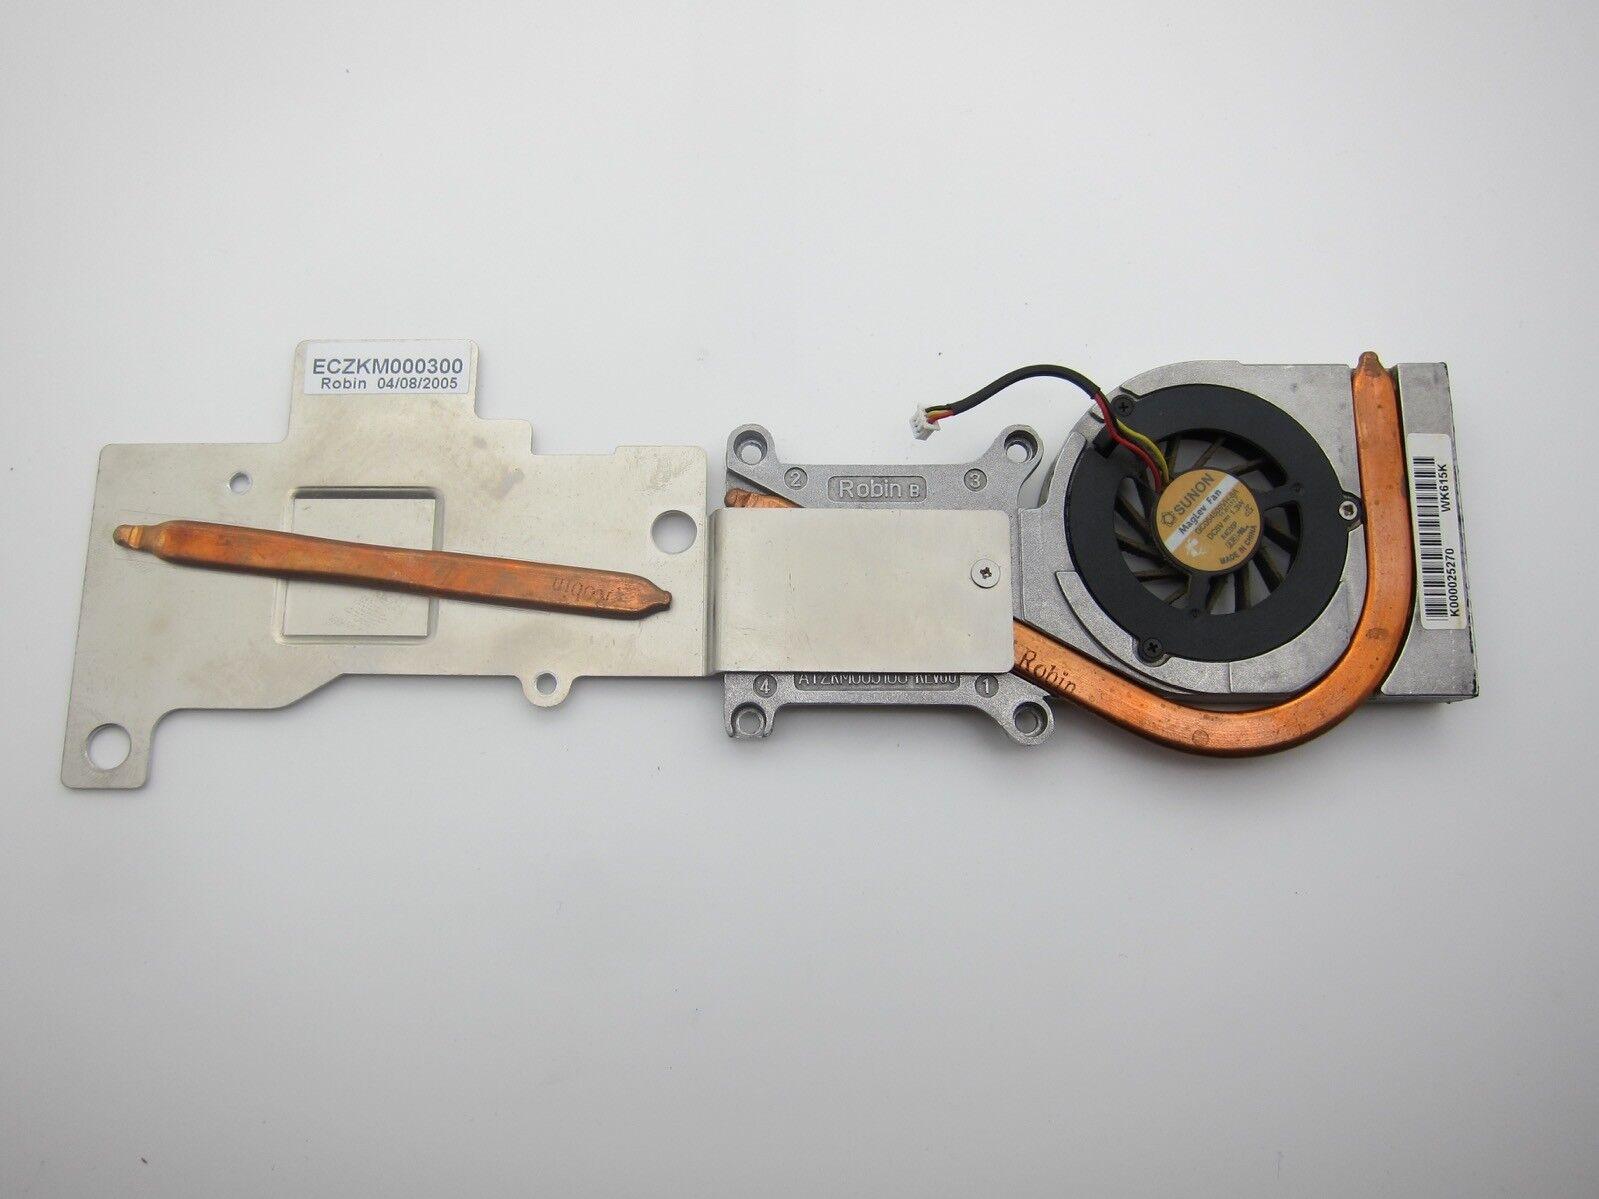 Toshiba Satellite m40 Laptop CPU Cooler Heatsink Thermal Module k000025270